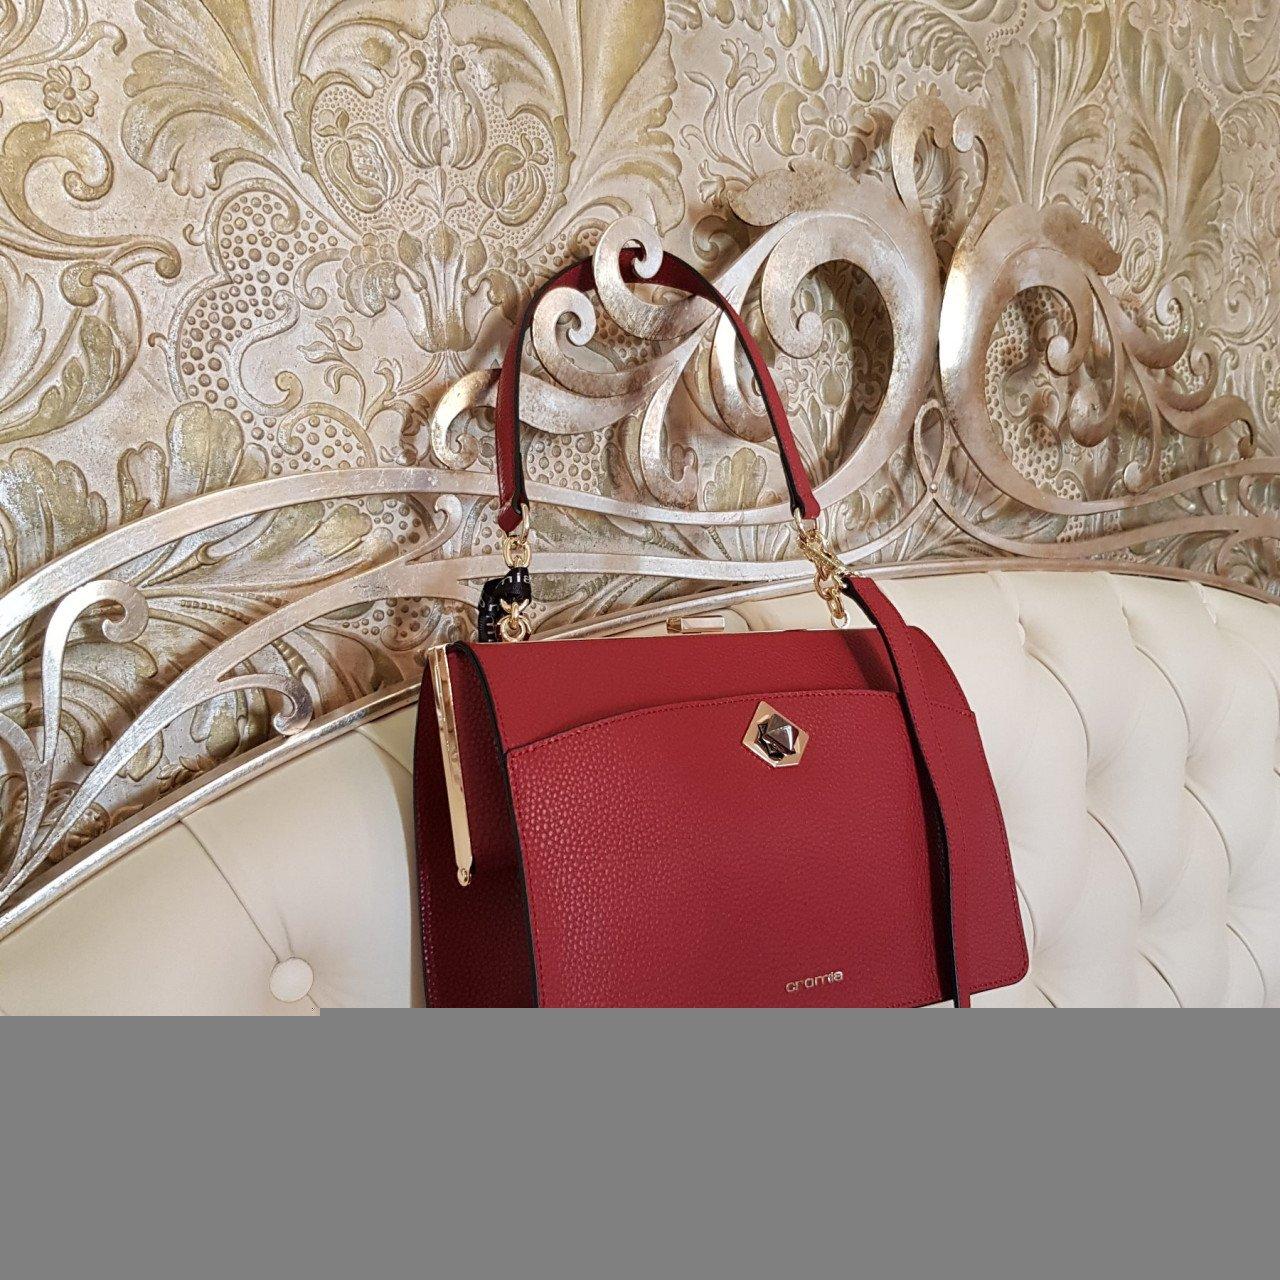 Женская кожаная сумка Cromia 1404679 BORDEAUX из натуральной кожи